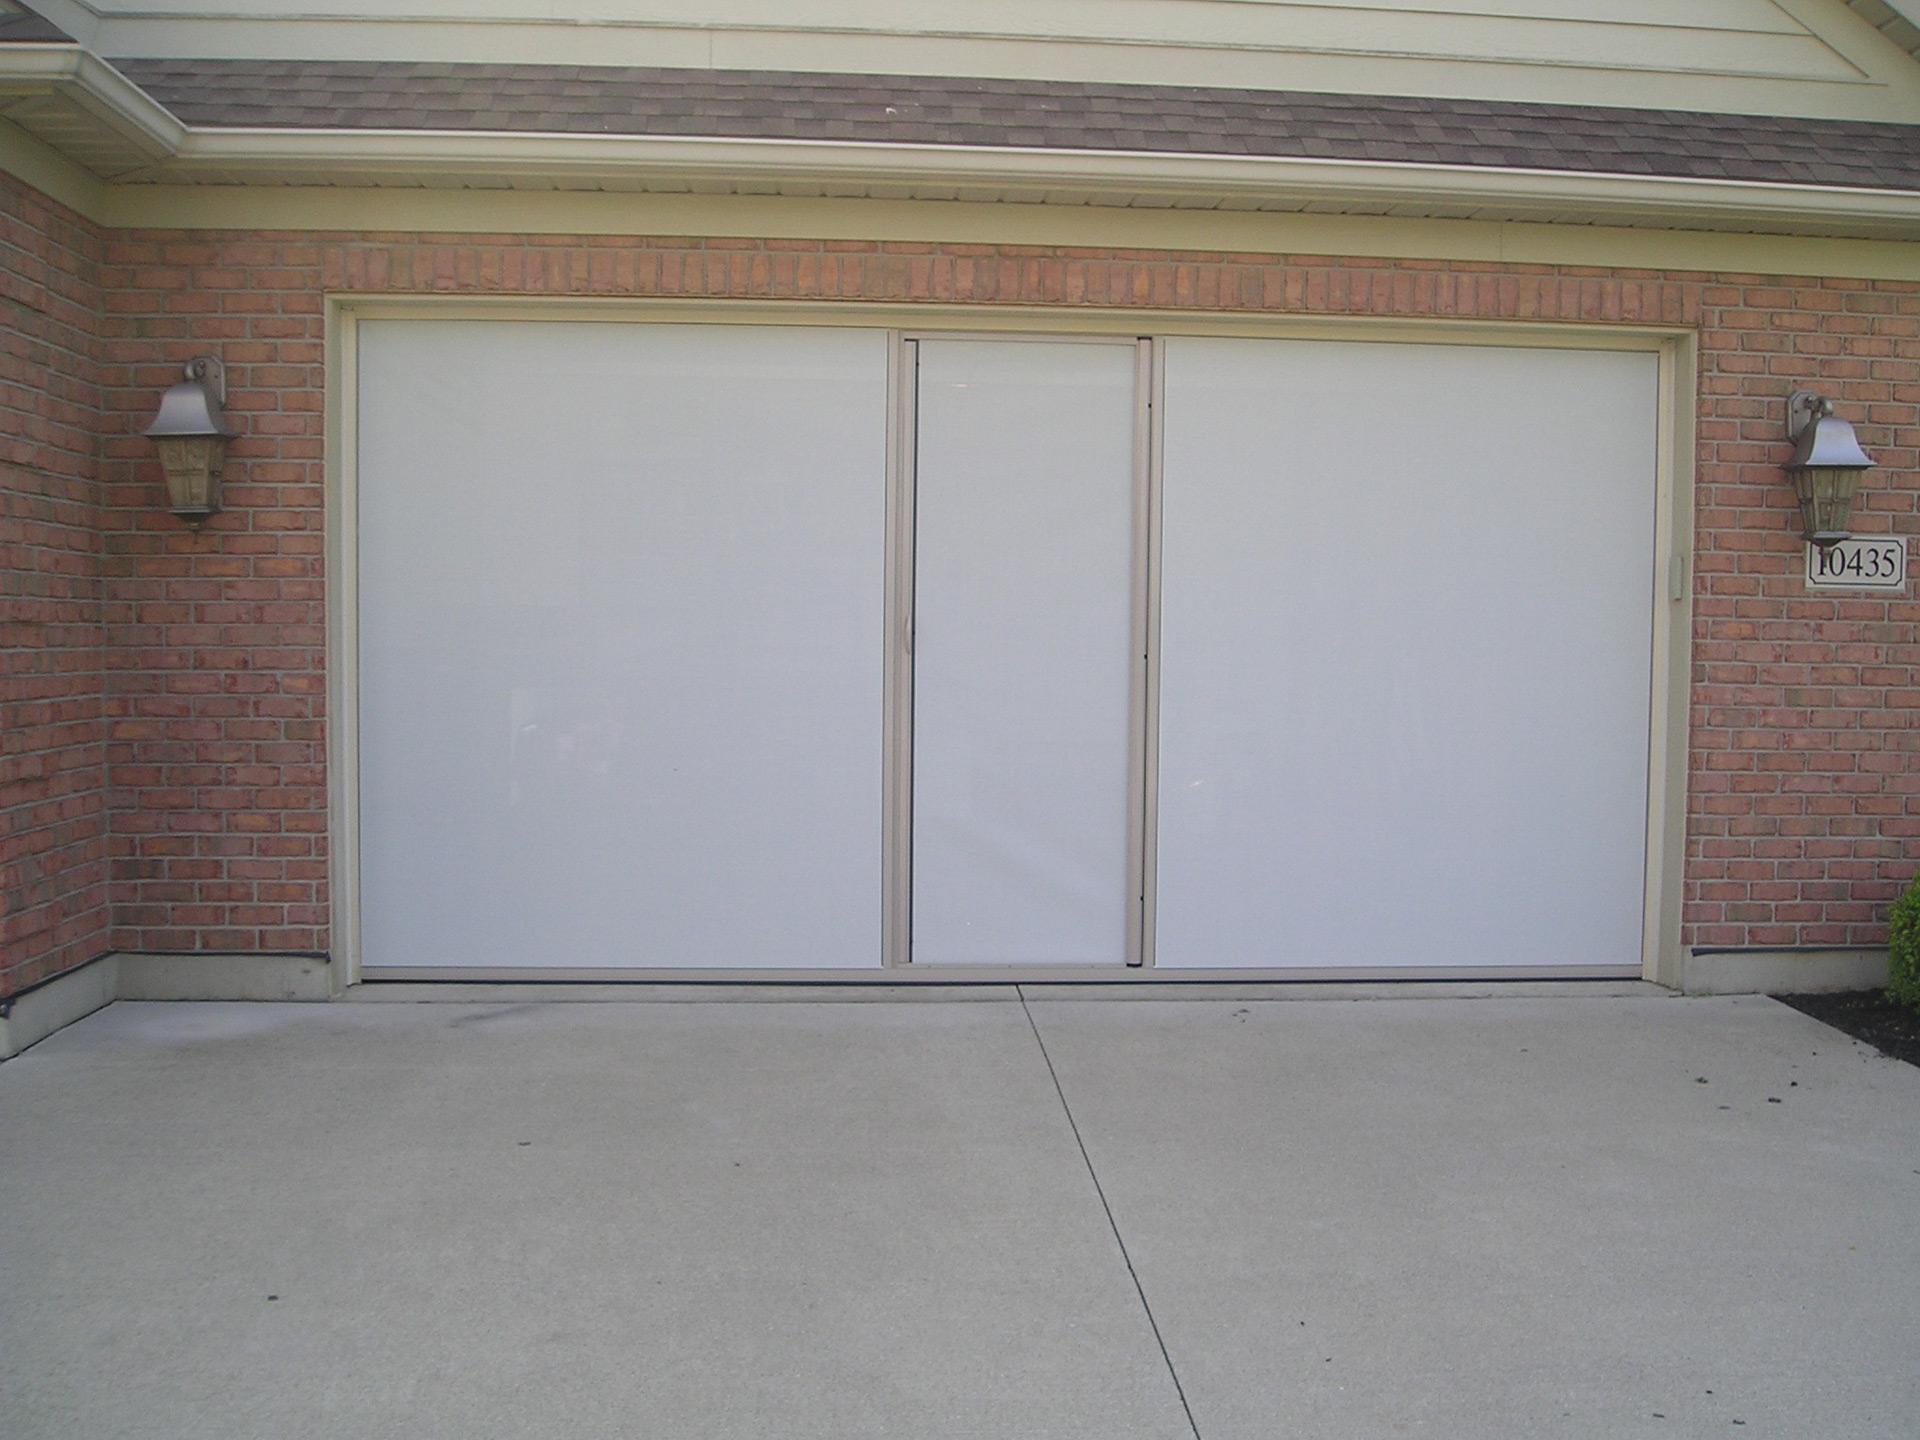 door home of indianapolis indyelite garage indy doors elite